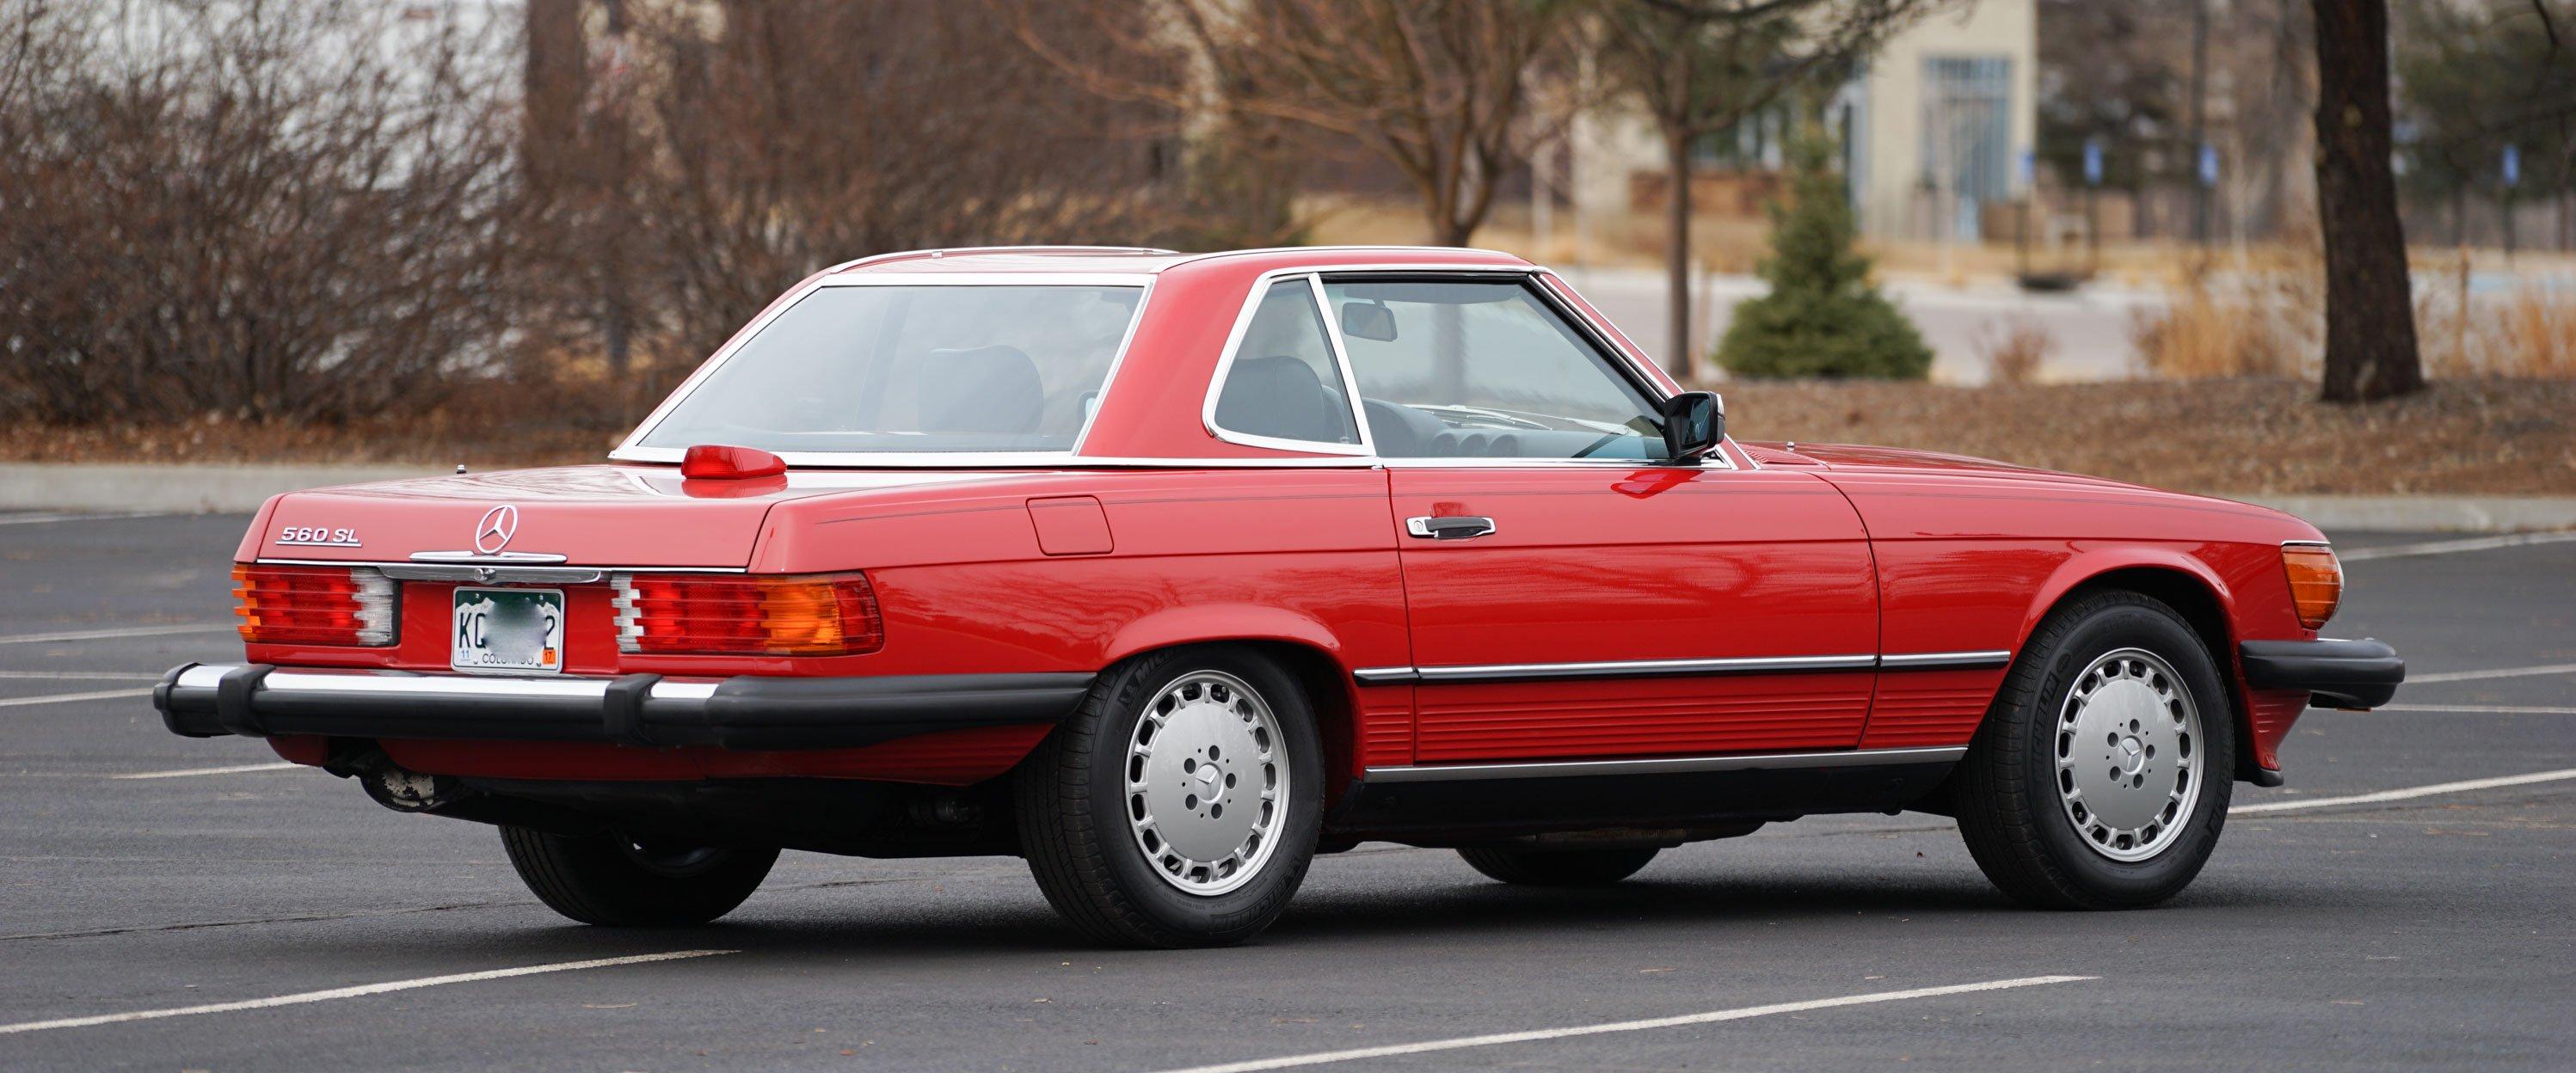 1986-Mercedes-Benz-560sl-red-slideshow-006@2x